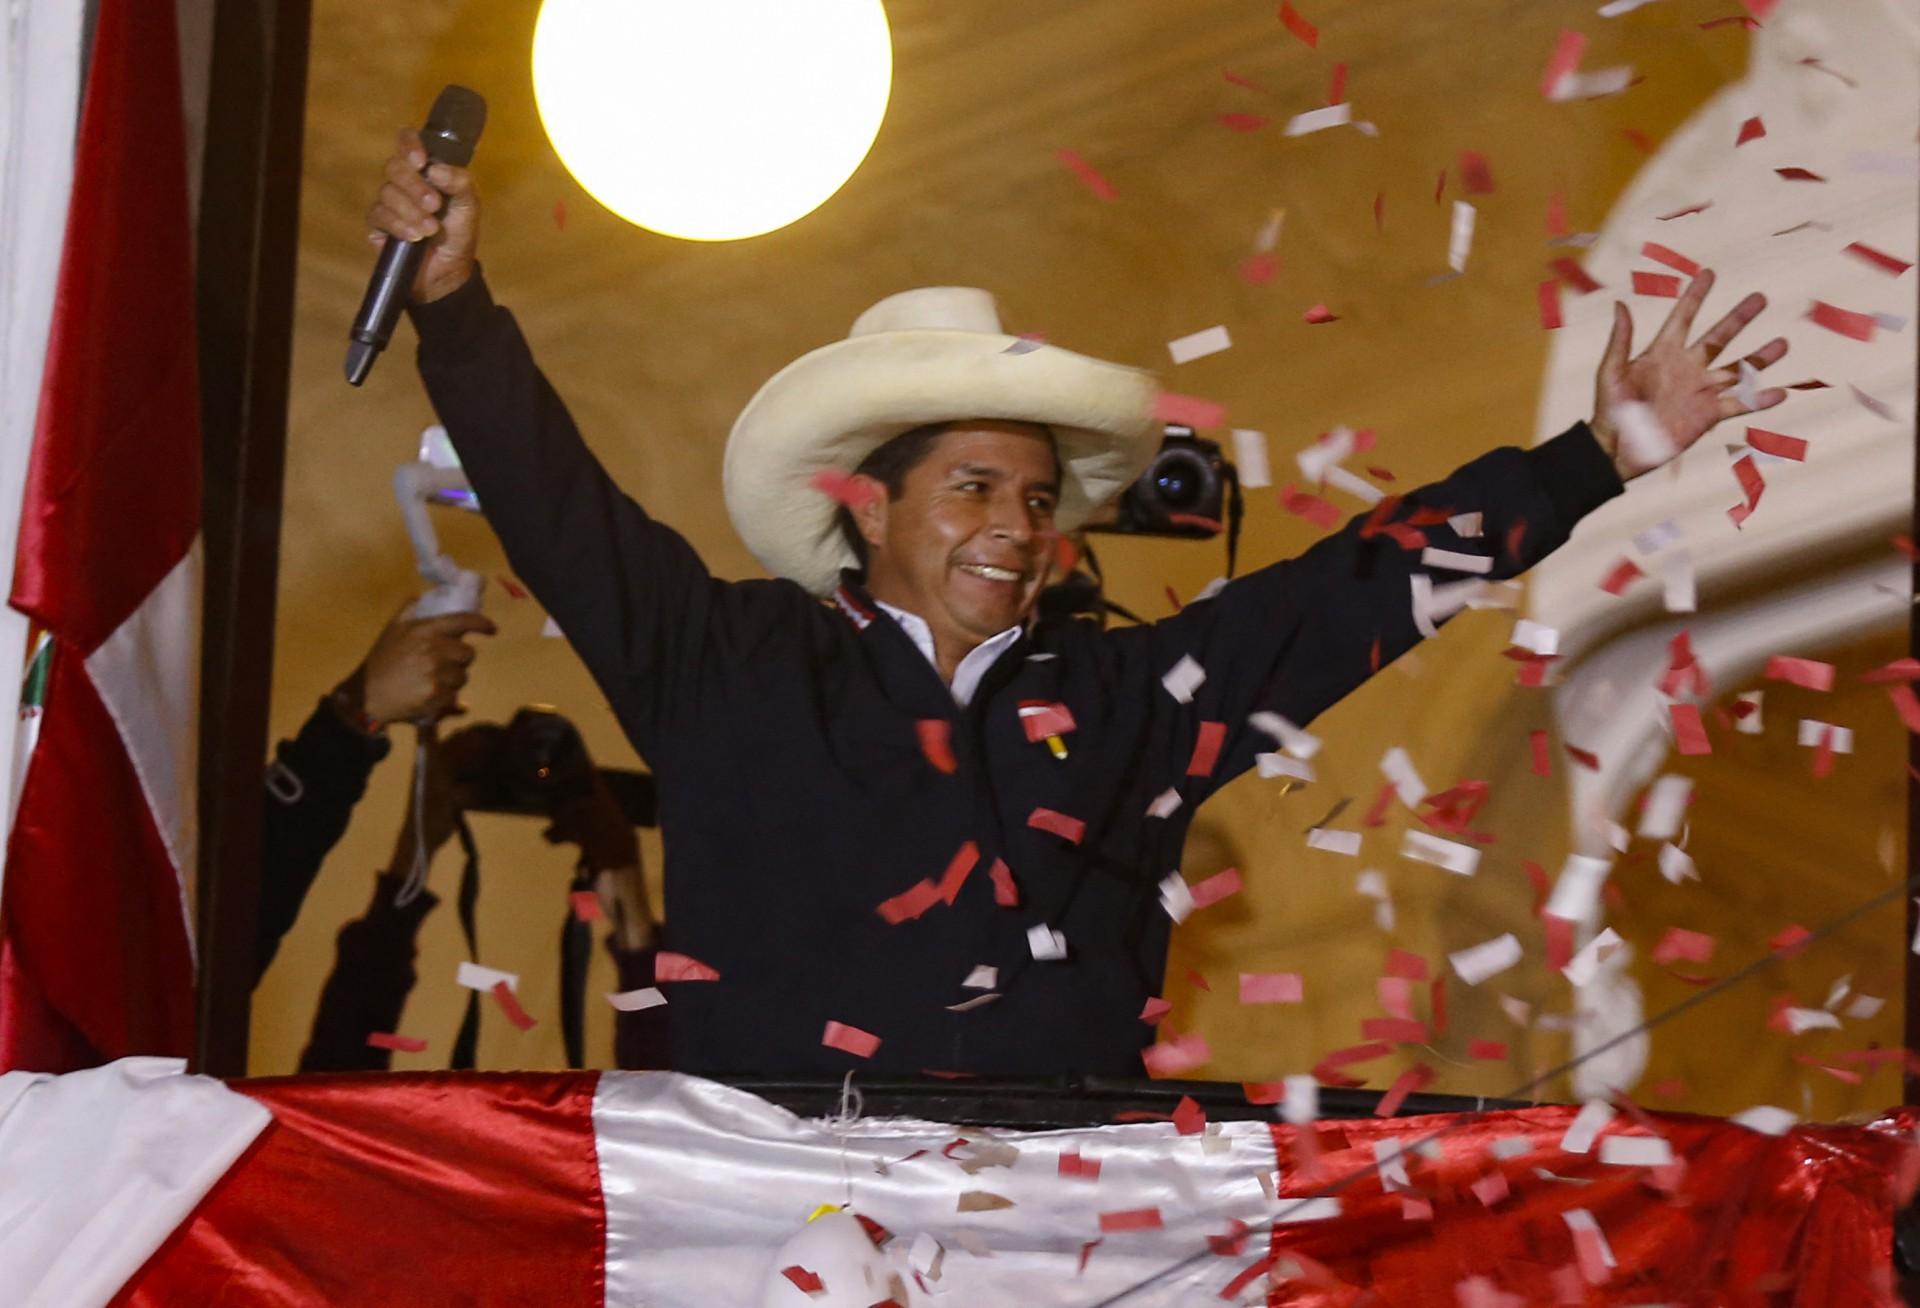 O candidato presidencial de esquerda peruano Pedro Castillo, do Peru Libre, acena para apoiadores da sacada da sede de seu partido em Lima em 8 de junho de 2021, mantendo uma pequena vantagem na contagem final de votos com o candidato de direita Keiko Fujimori na Fuerza Popular após o segundo turno. 6 de junho - O Peru estava em perigo na terça-feira quando o populista de direita Keiko Fujimori gritou falta depois que o rival de extrema esquerda Pedro Castillo assumiu uma vantagem estreita na reta final da contagem de votos para decidir quem será o próximo presidente do país. (Foto de Gian MASKO / AFP)